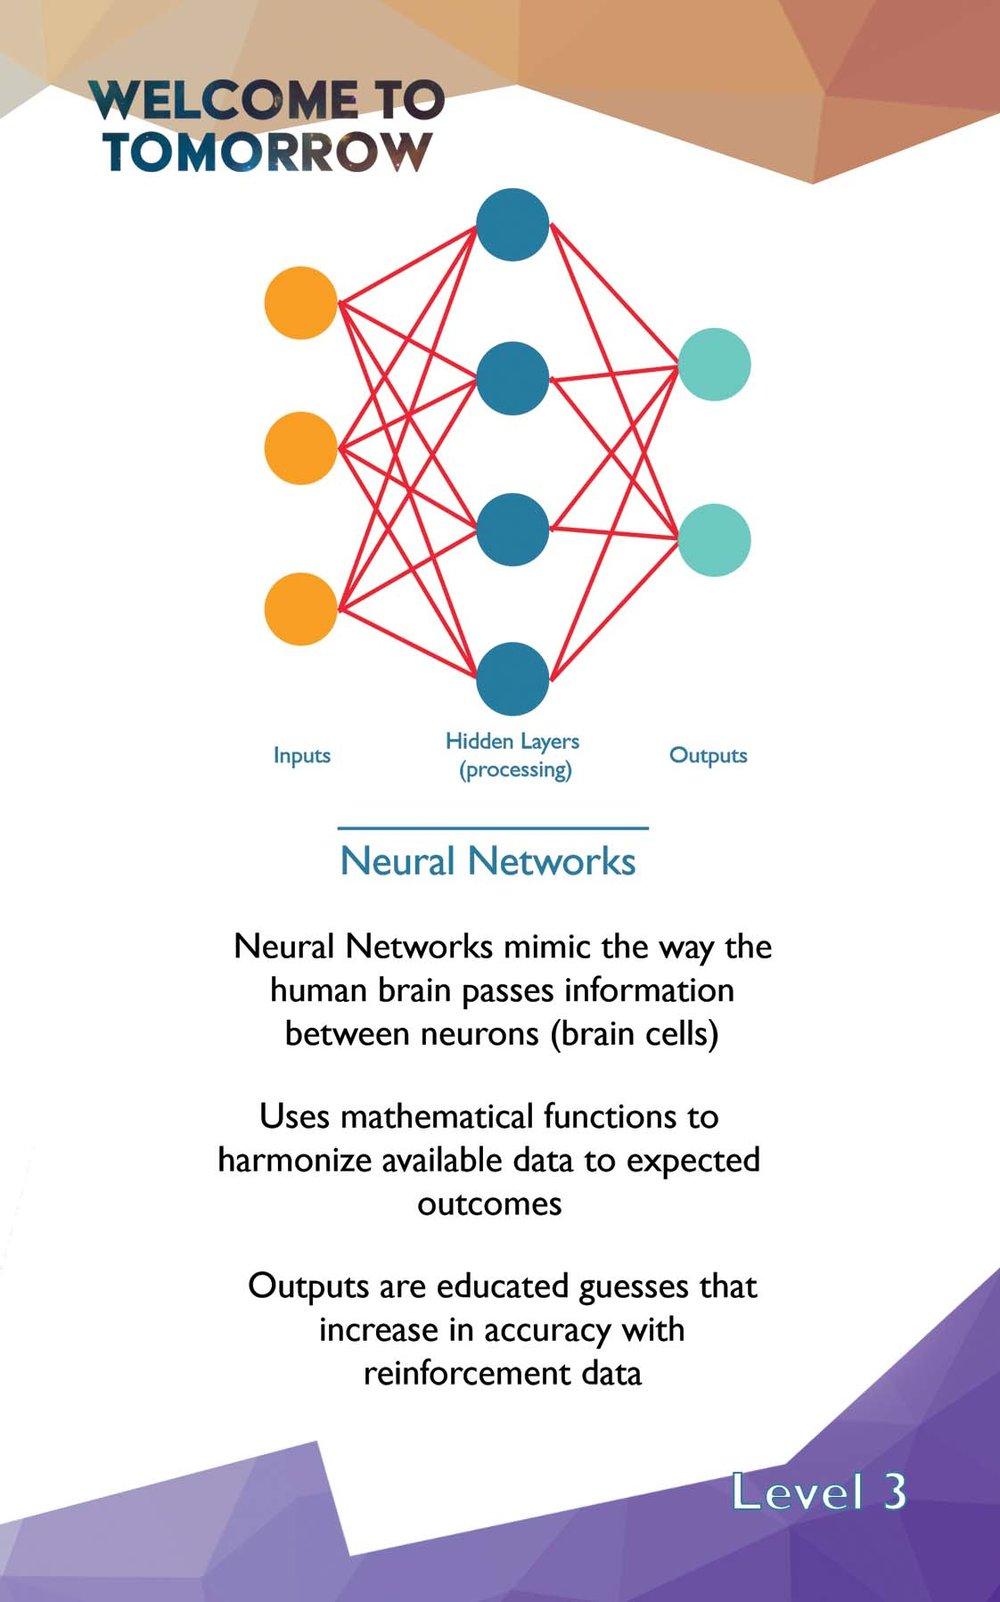 32-neuralnetworks.jpg